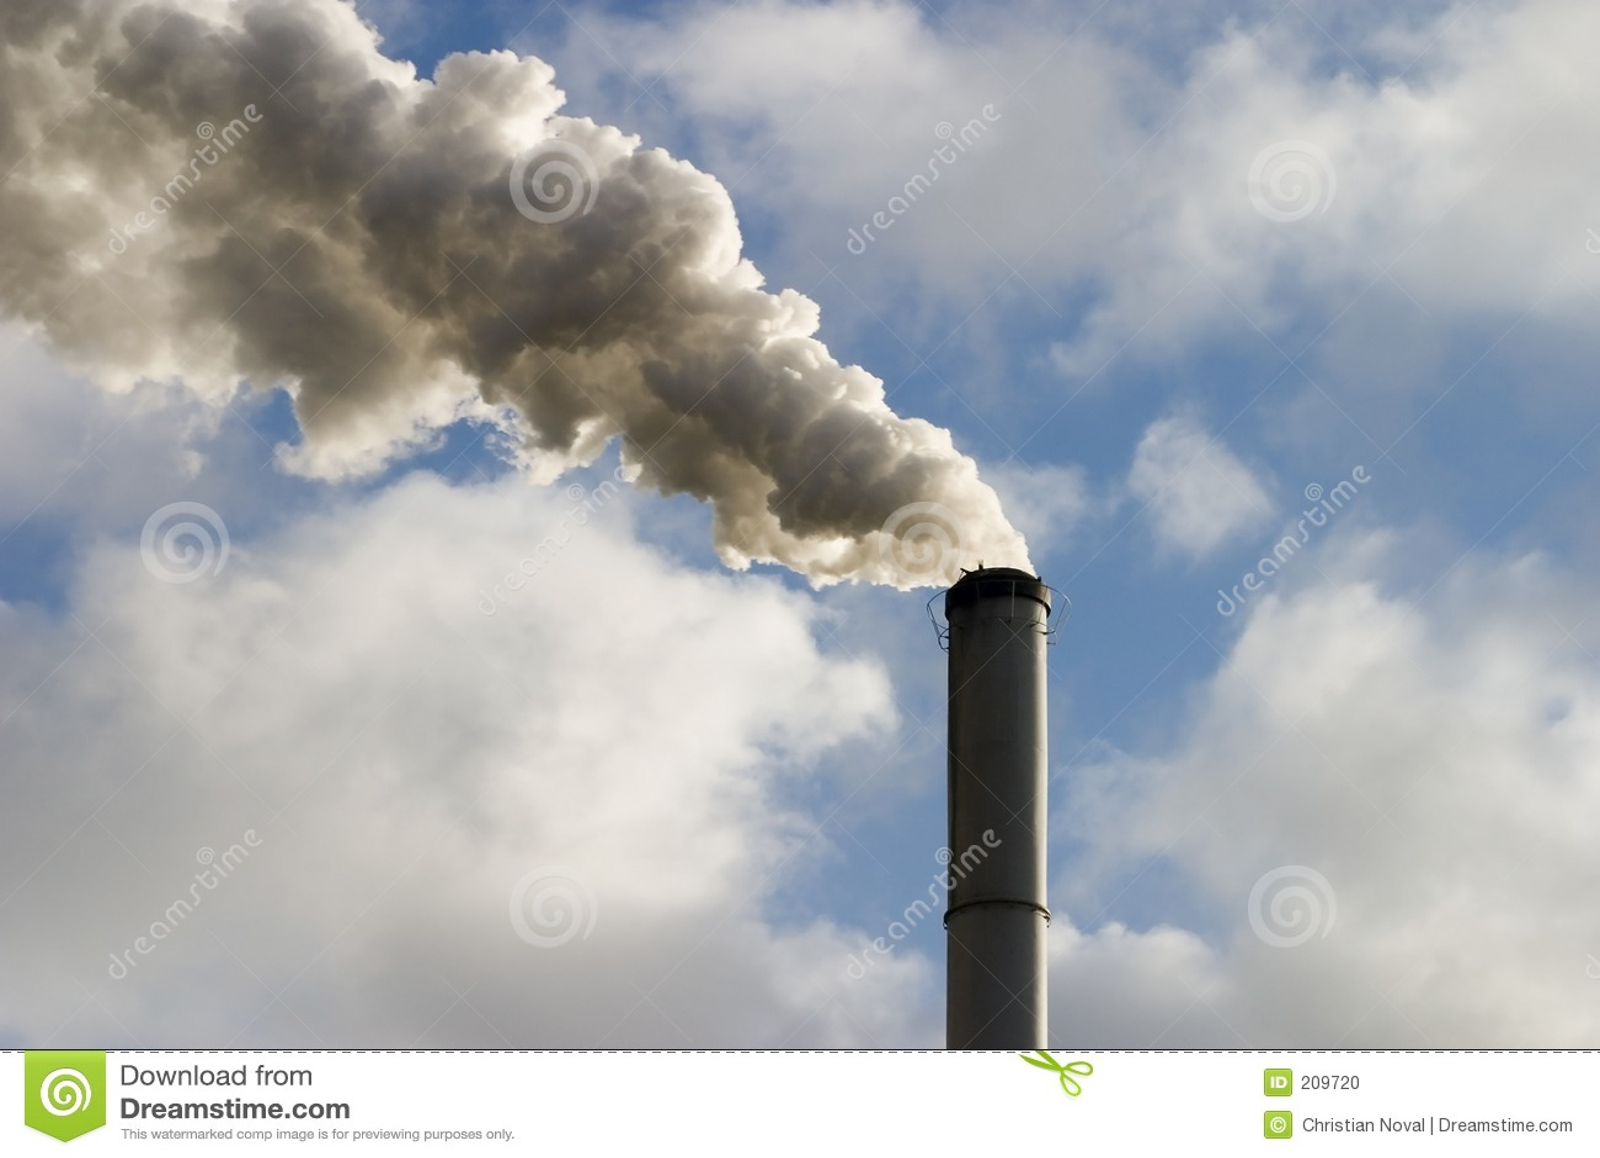 Chimenea y humo foto de archivo imagen de nube horno - Fabricantes de chimeneas ...